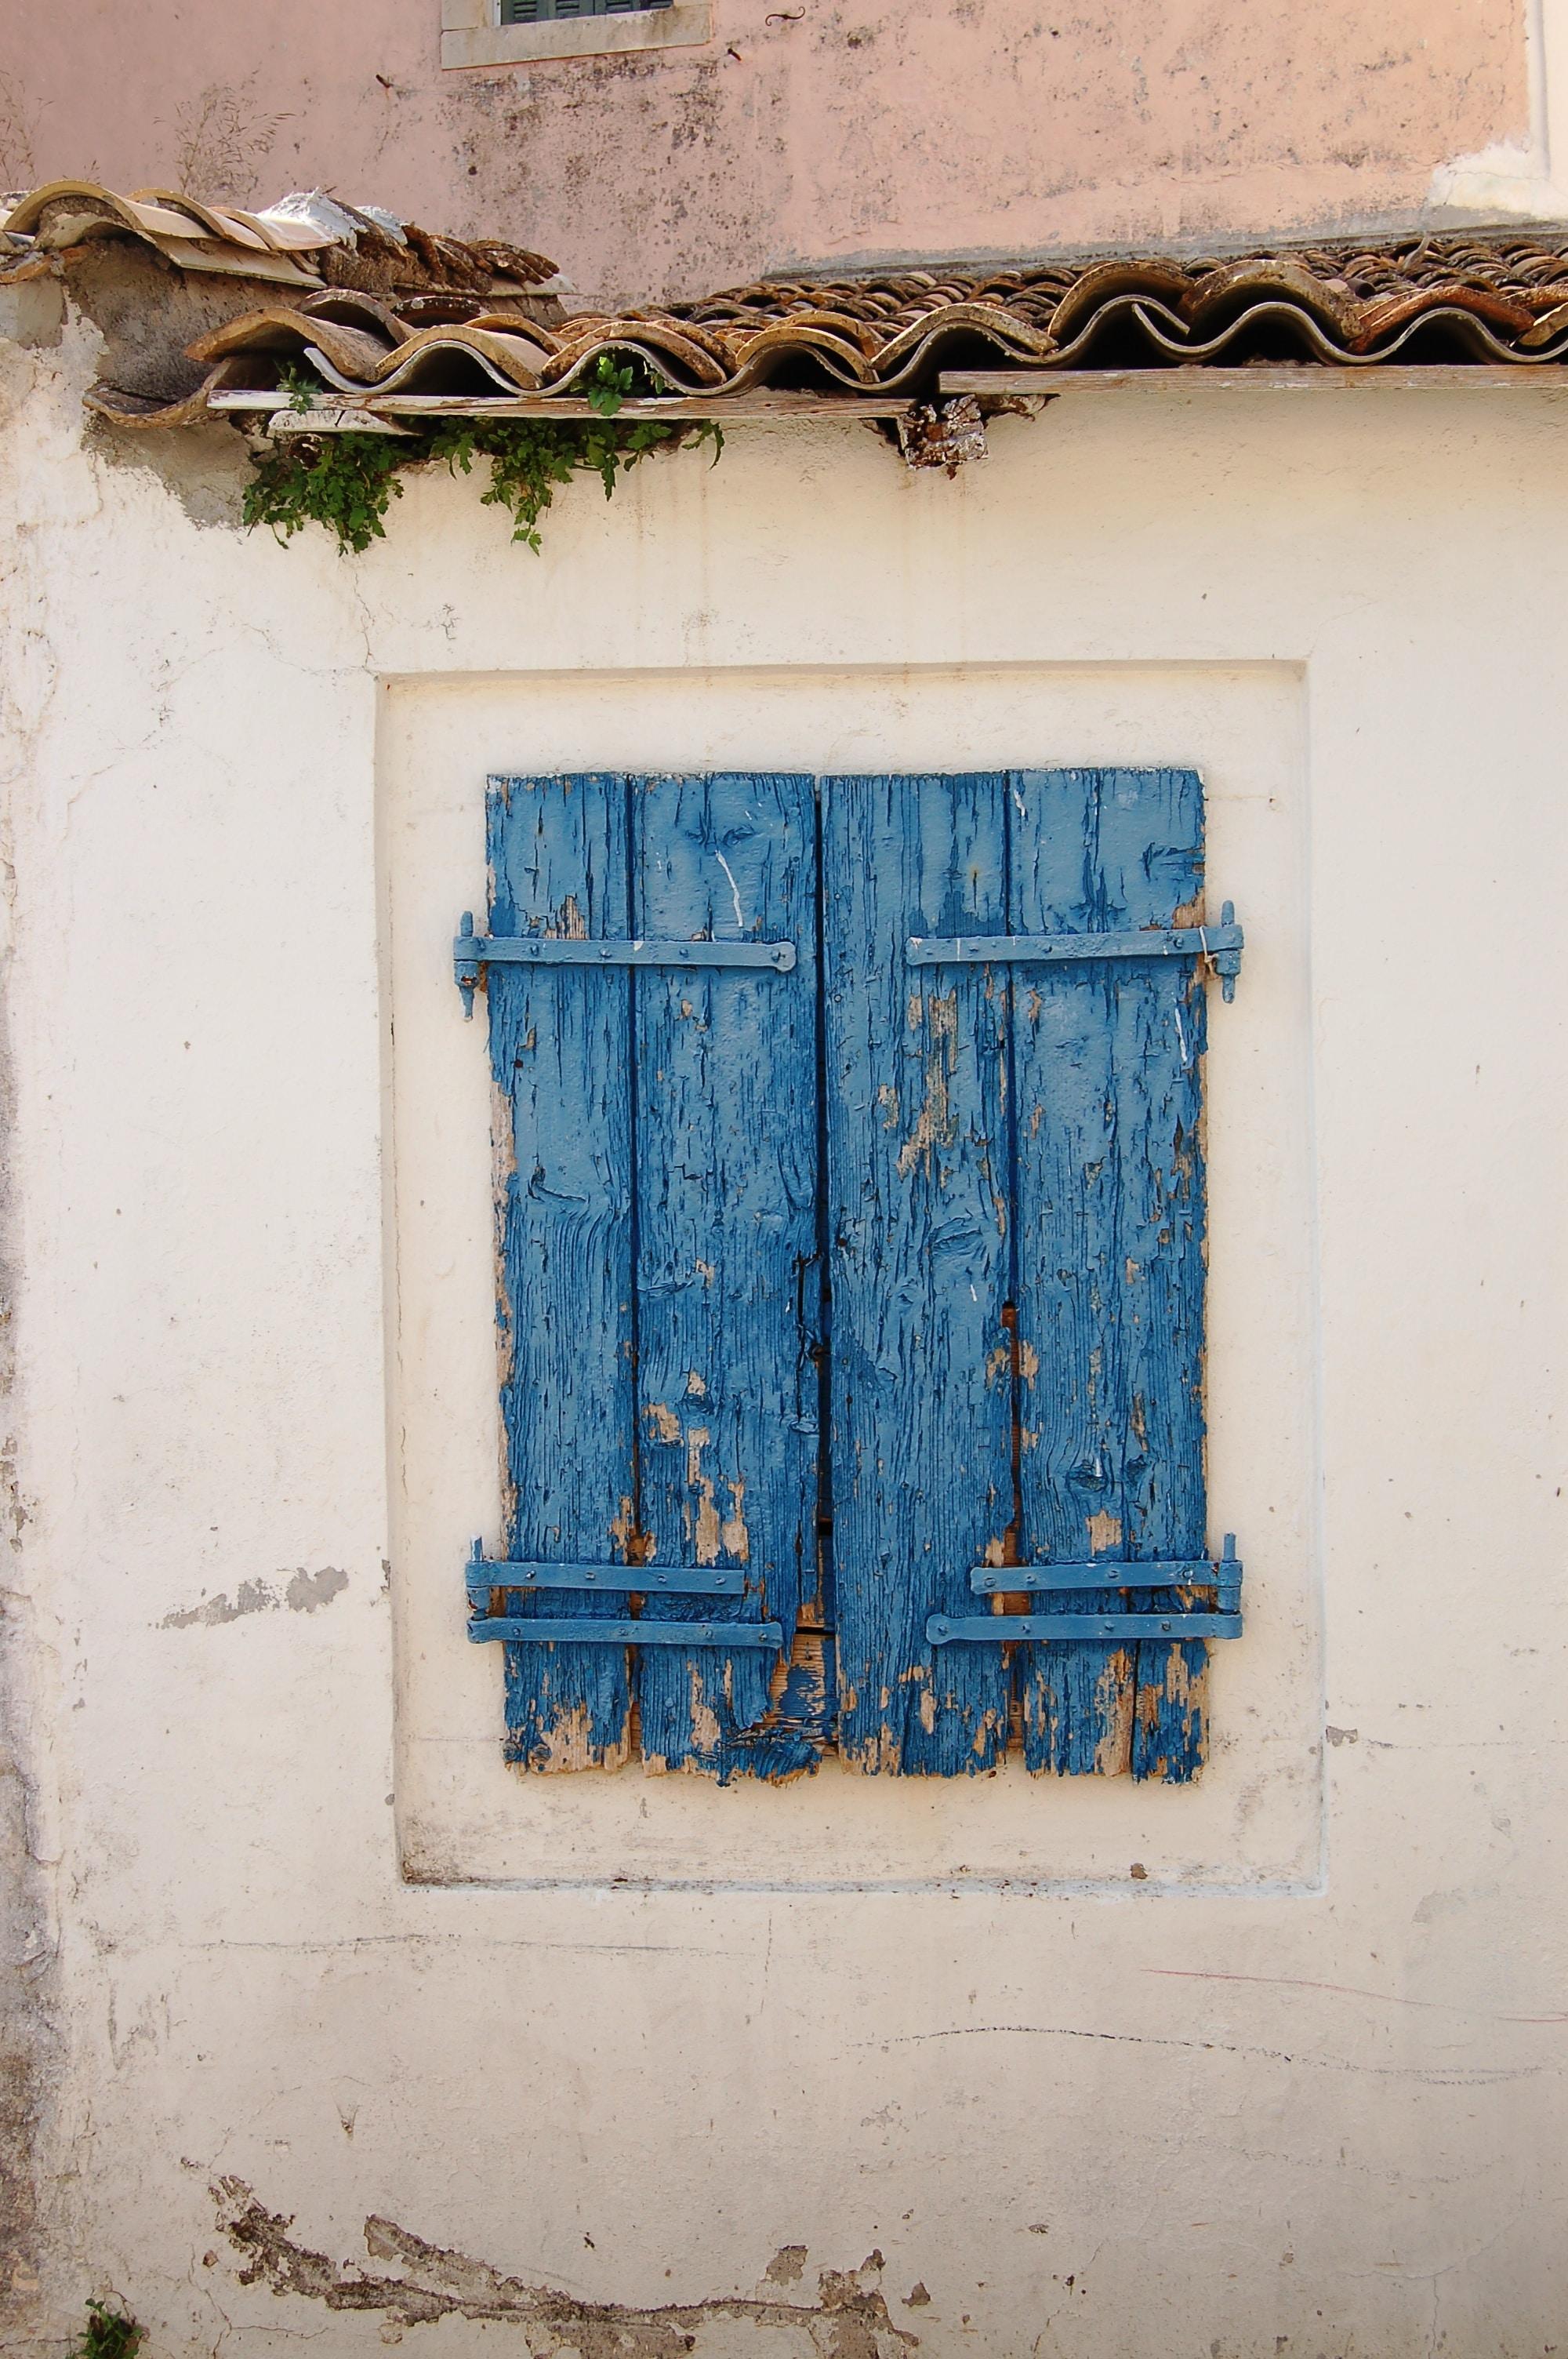 blue wooden window